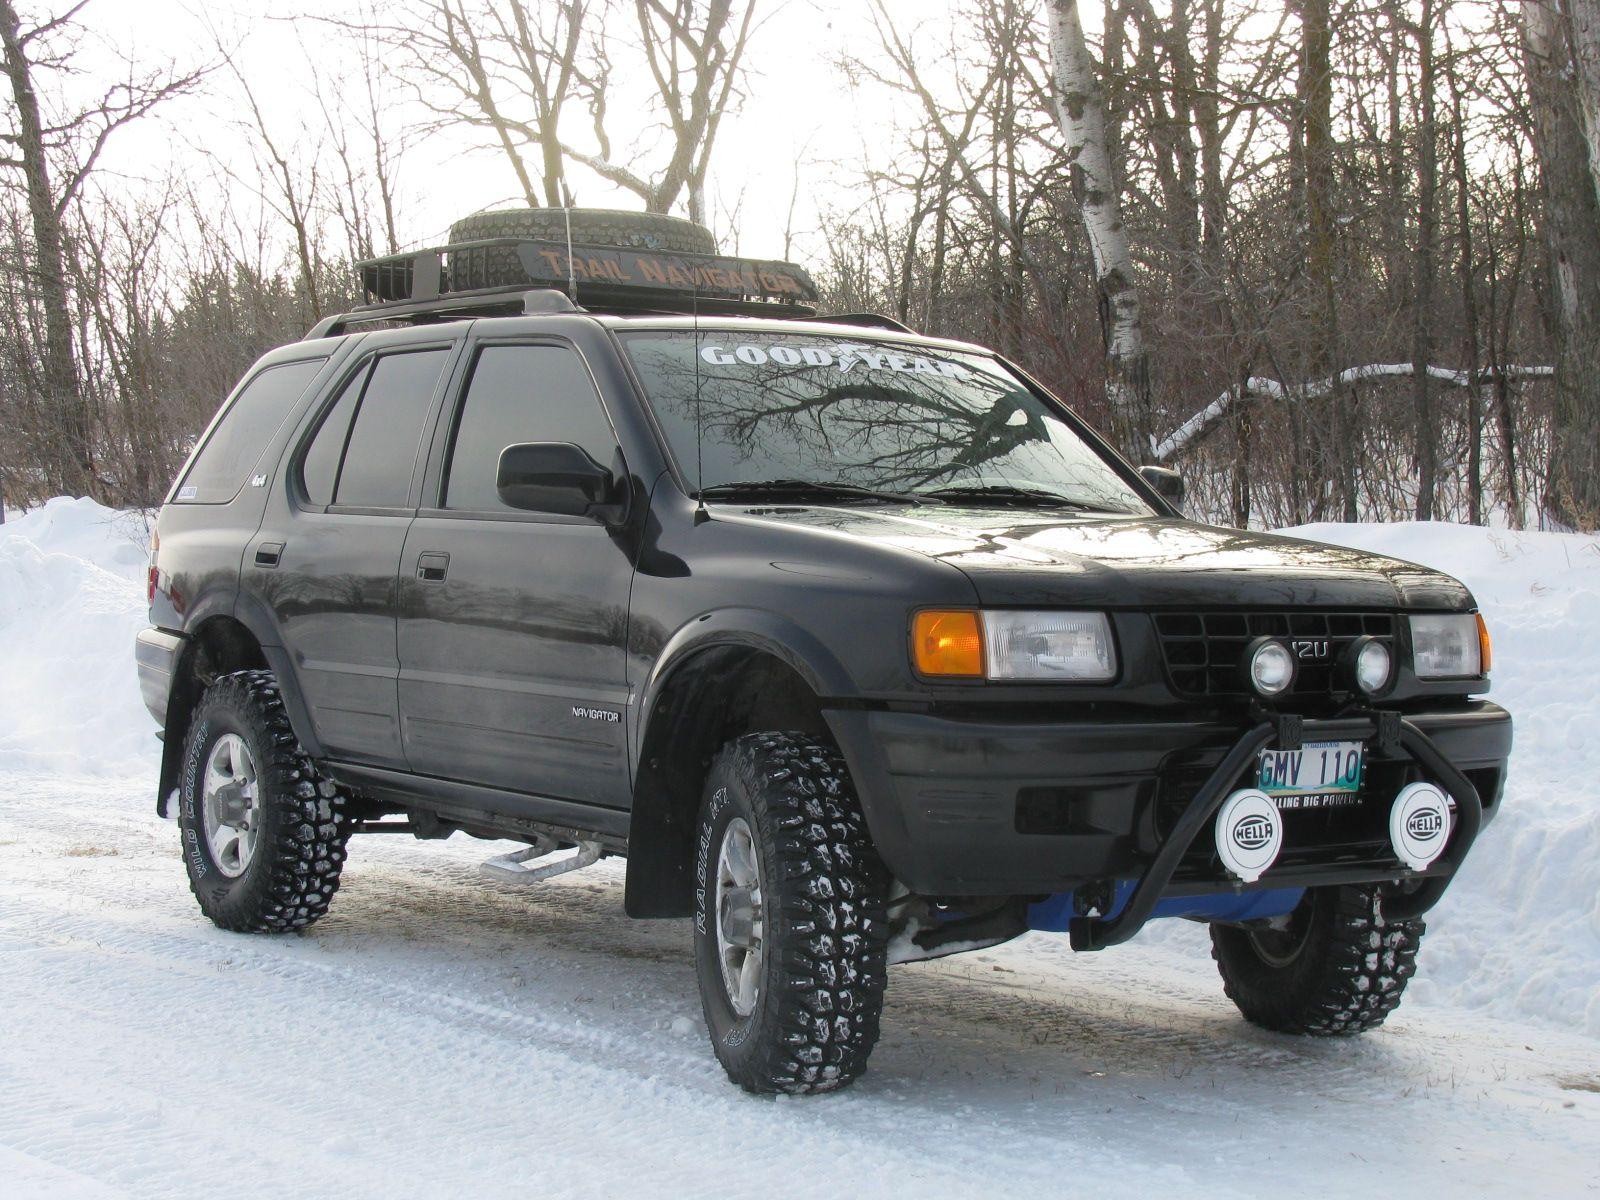 1999 Isuzu Rodeo Truck Accessories Car Accessories Cars Trucks